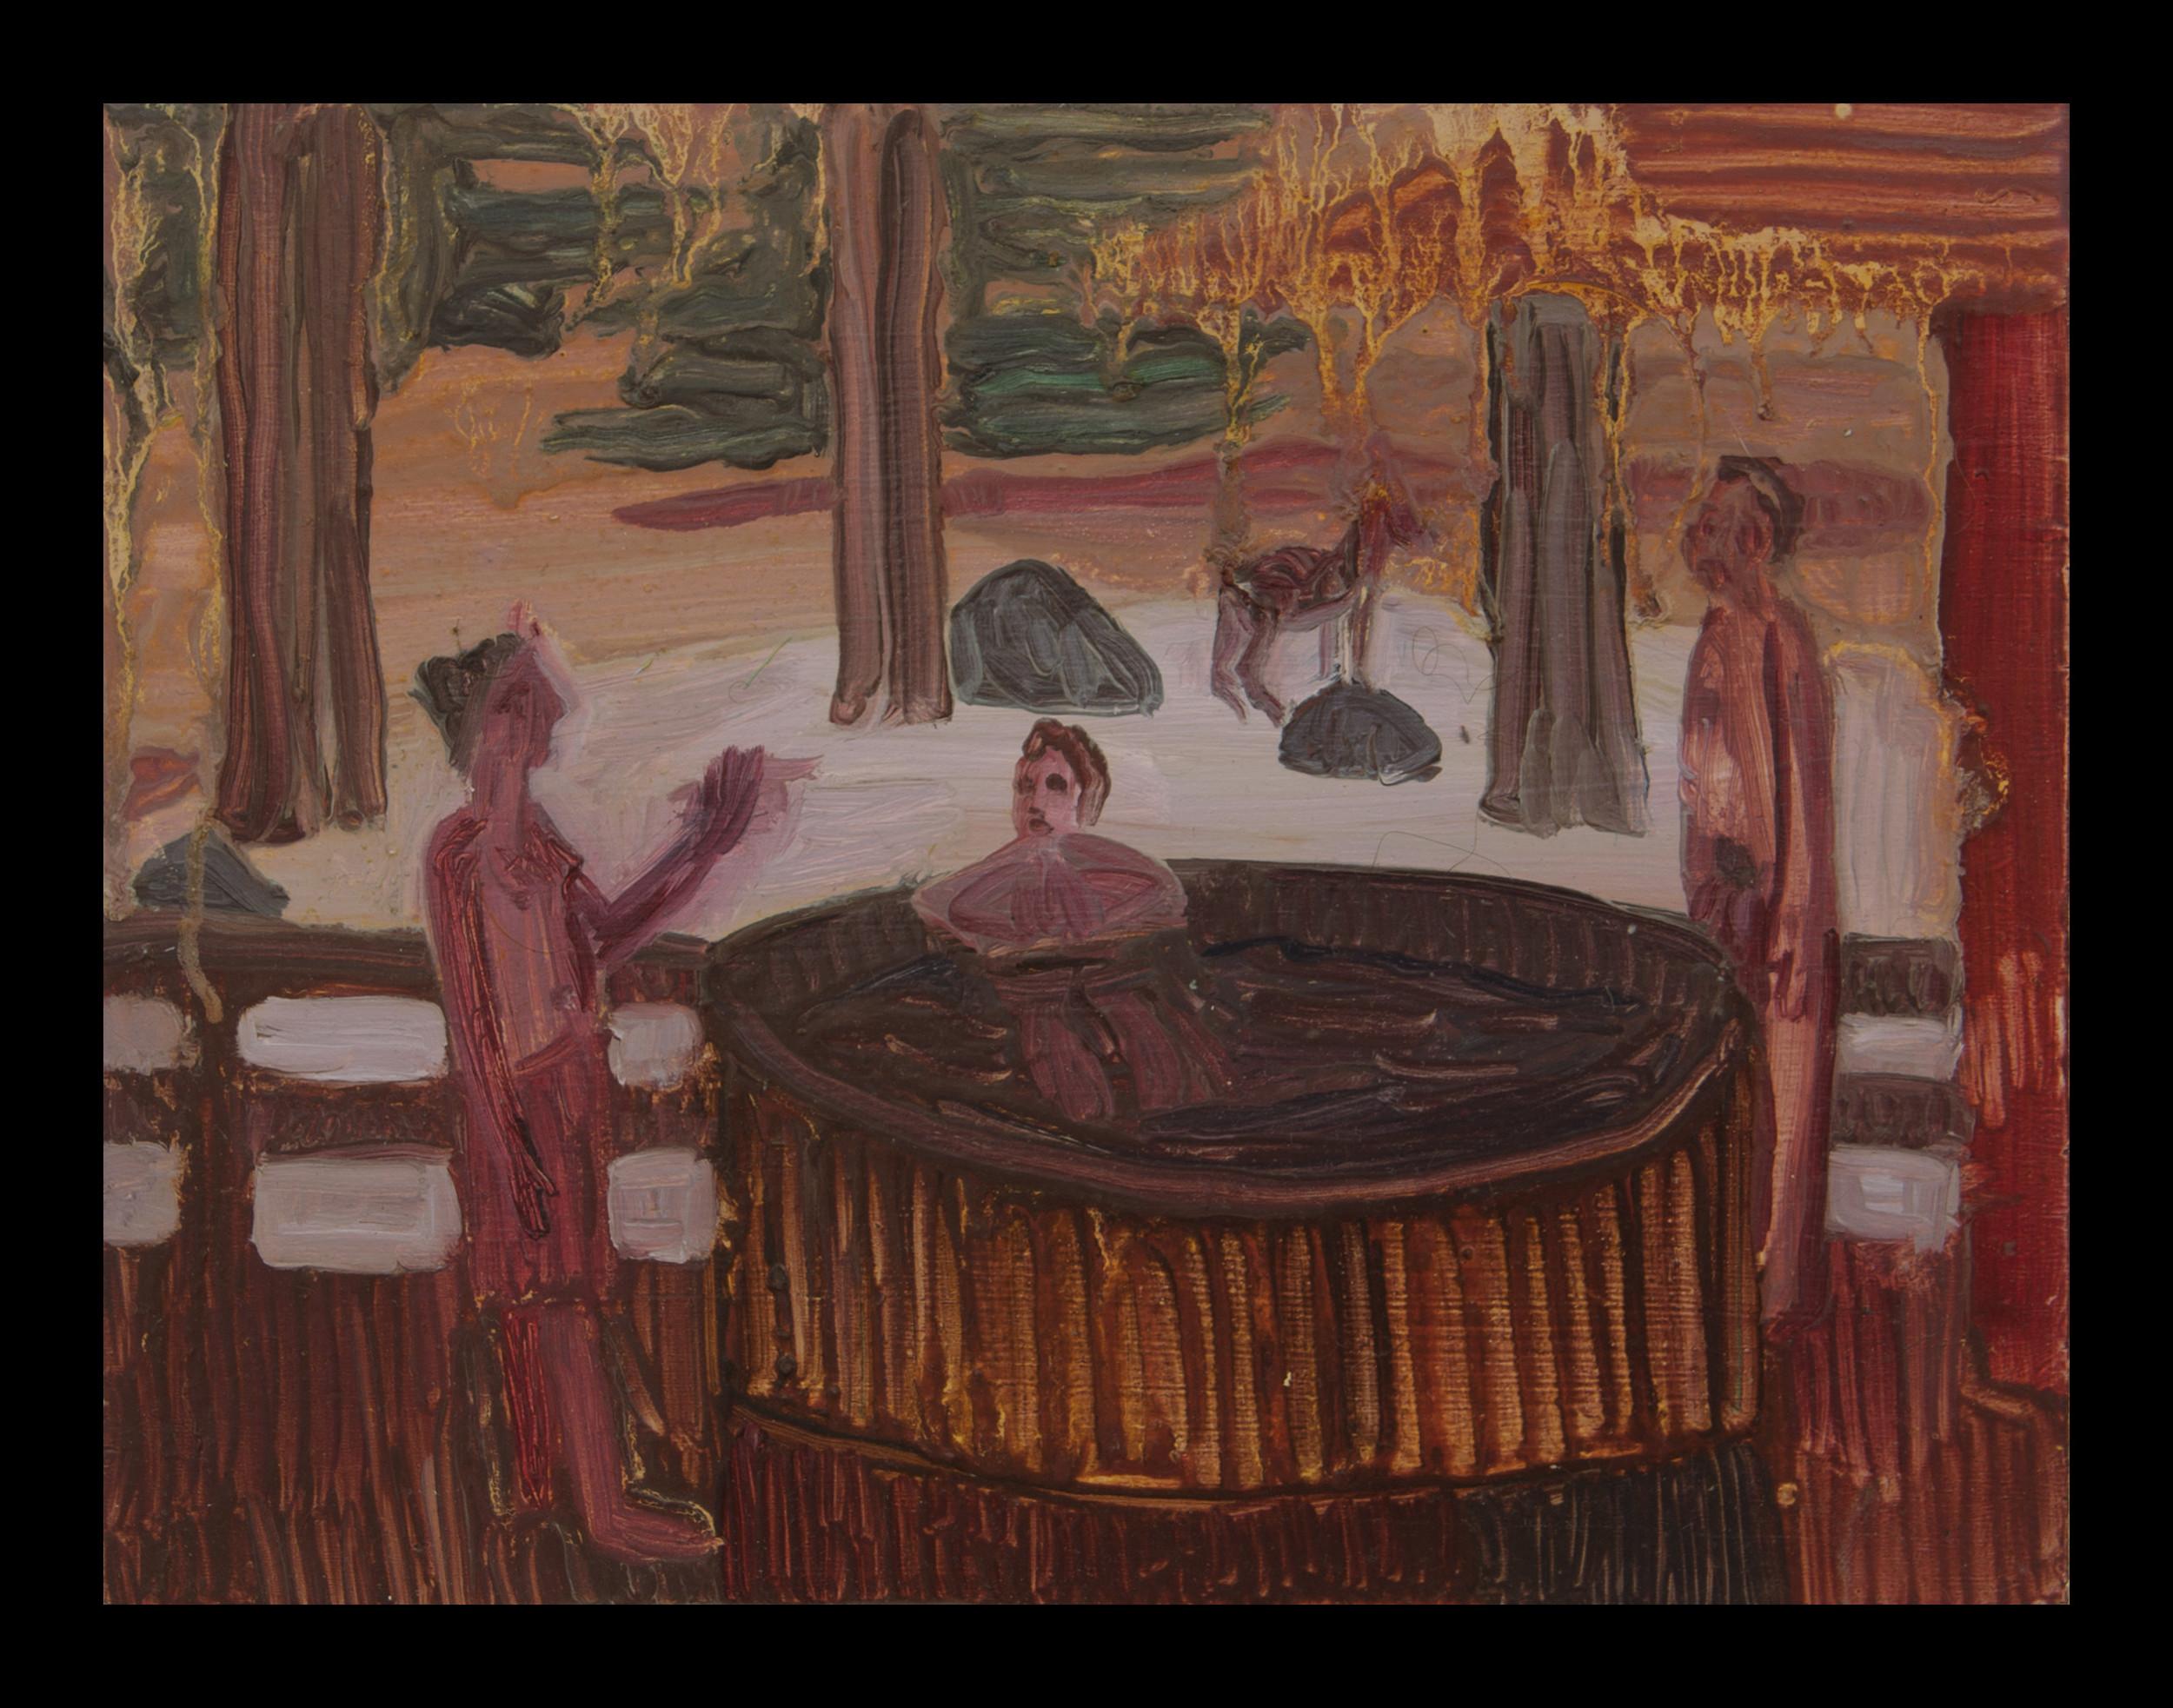 bagby hot springs